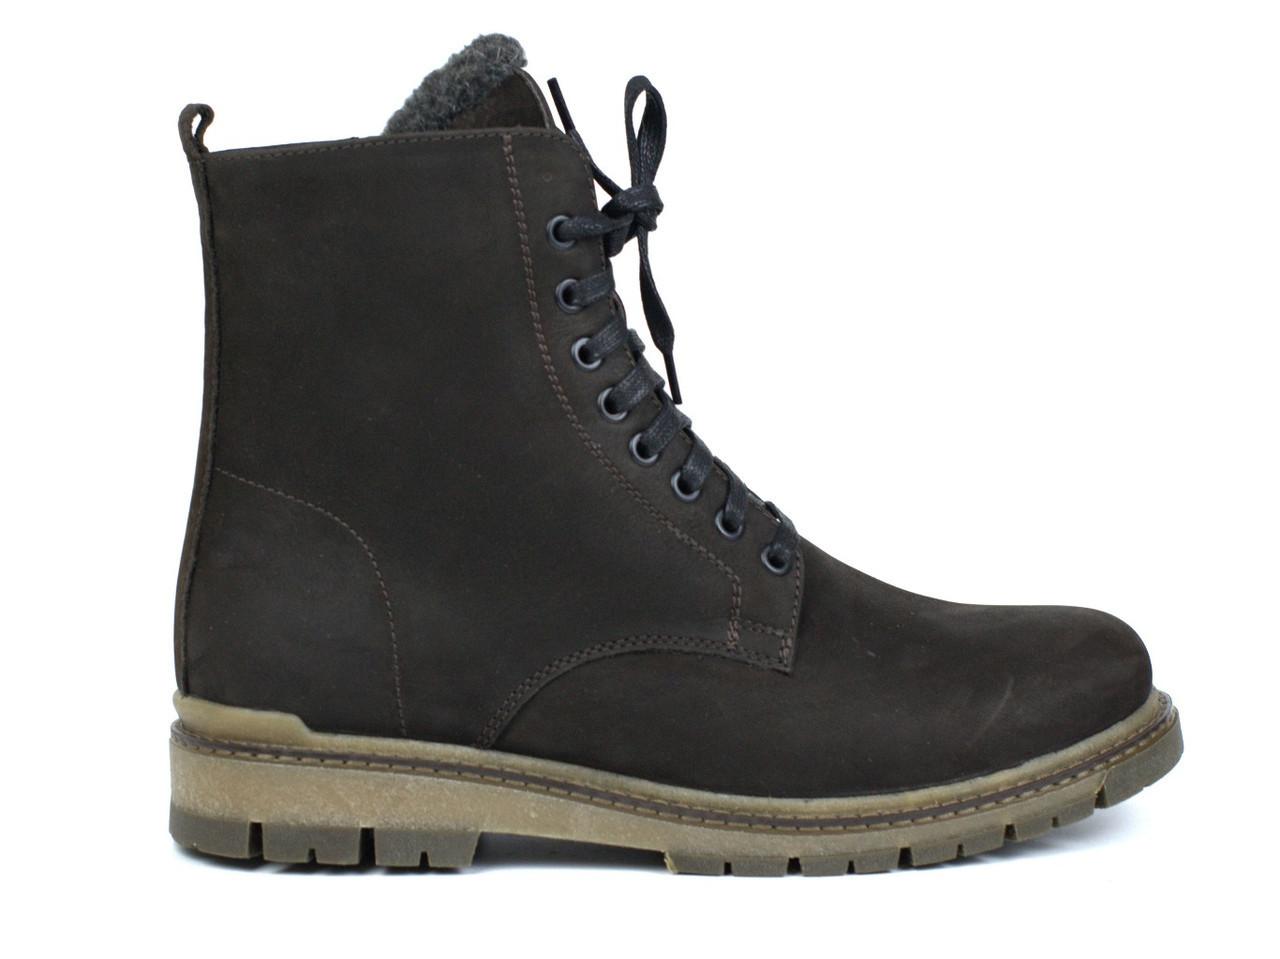 Демісезонні черевики чоловічі берци замшеві на флісі коричневі Rosso Avangard Doks Brown Diamond